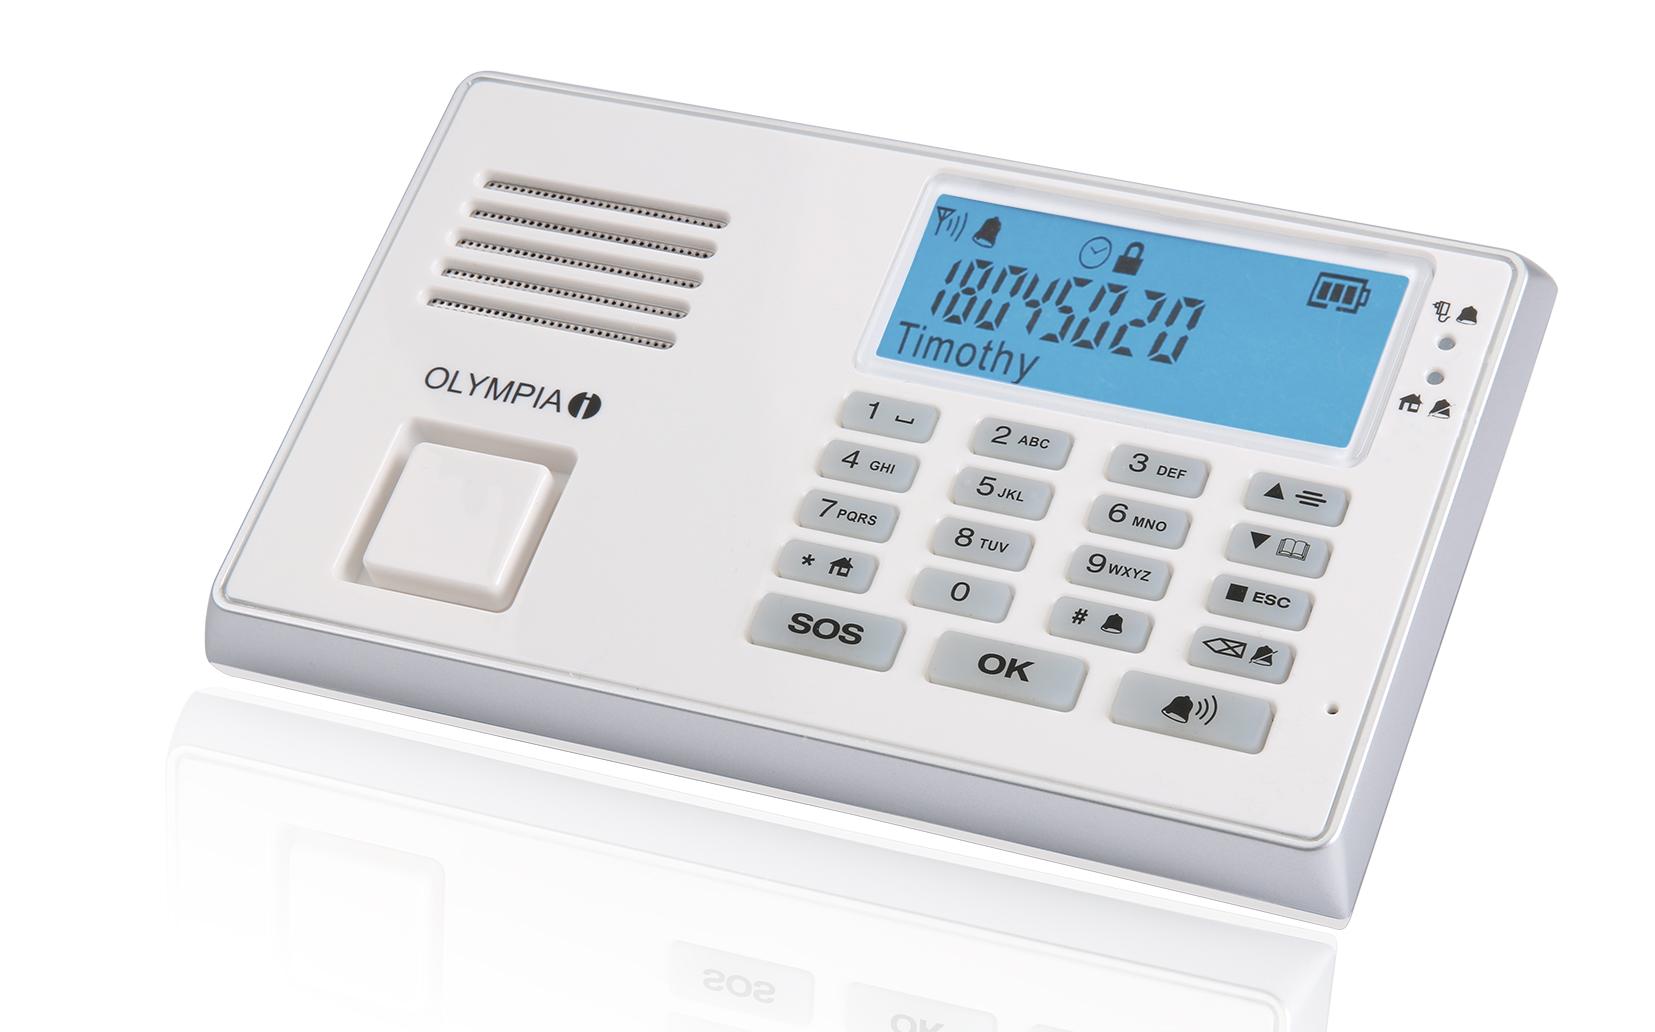 Olympia Protect 9035 GSM mit der neuen Fernbedienung